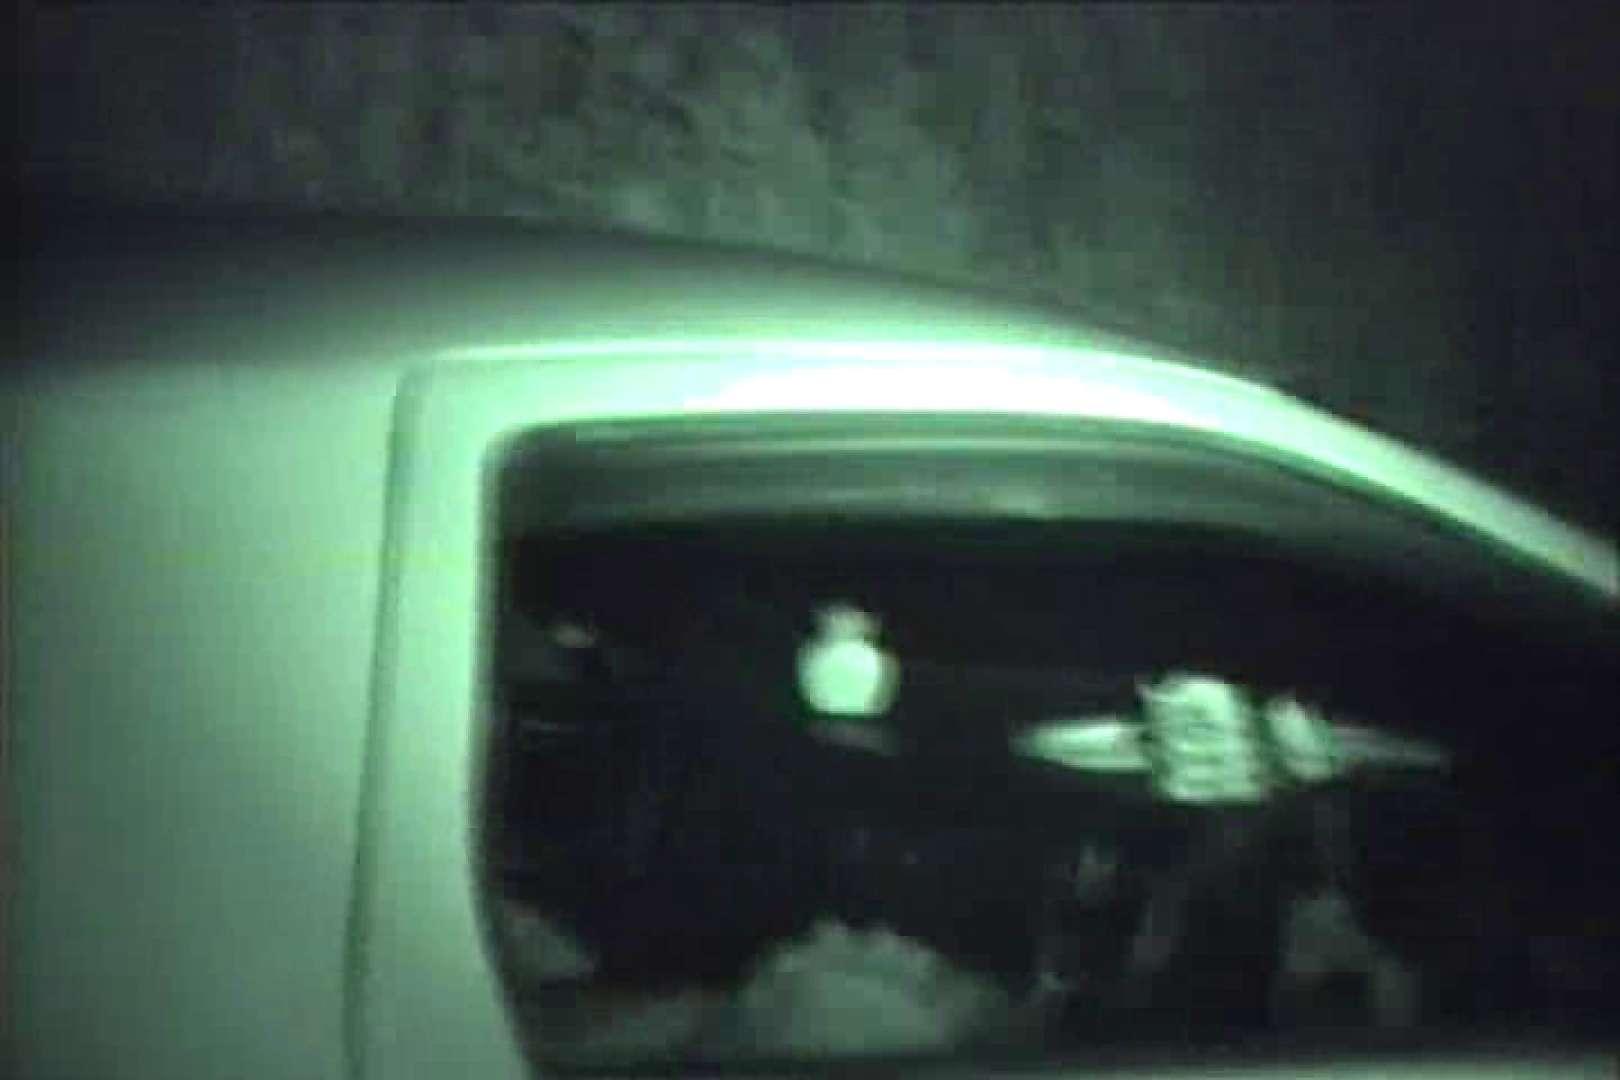 車の中はラブホテル 無修正版  Vol.17 0 | 0  98画像 53